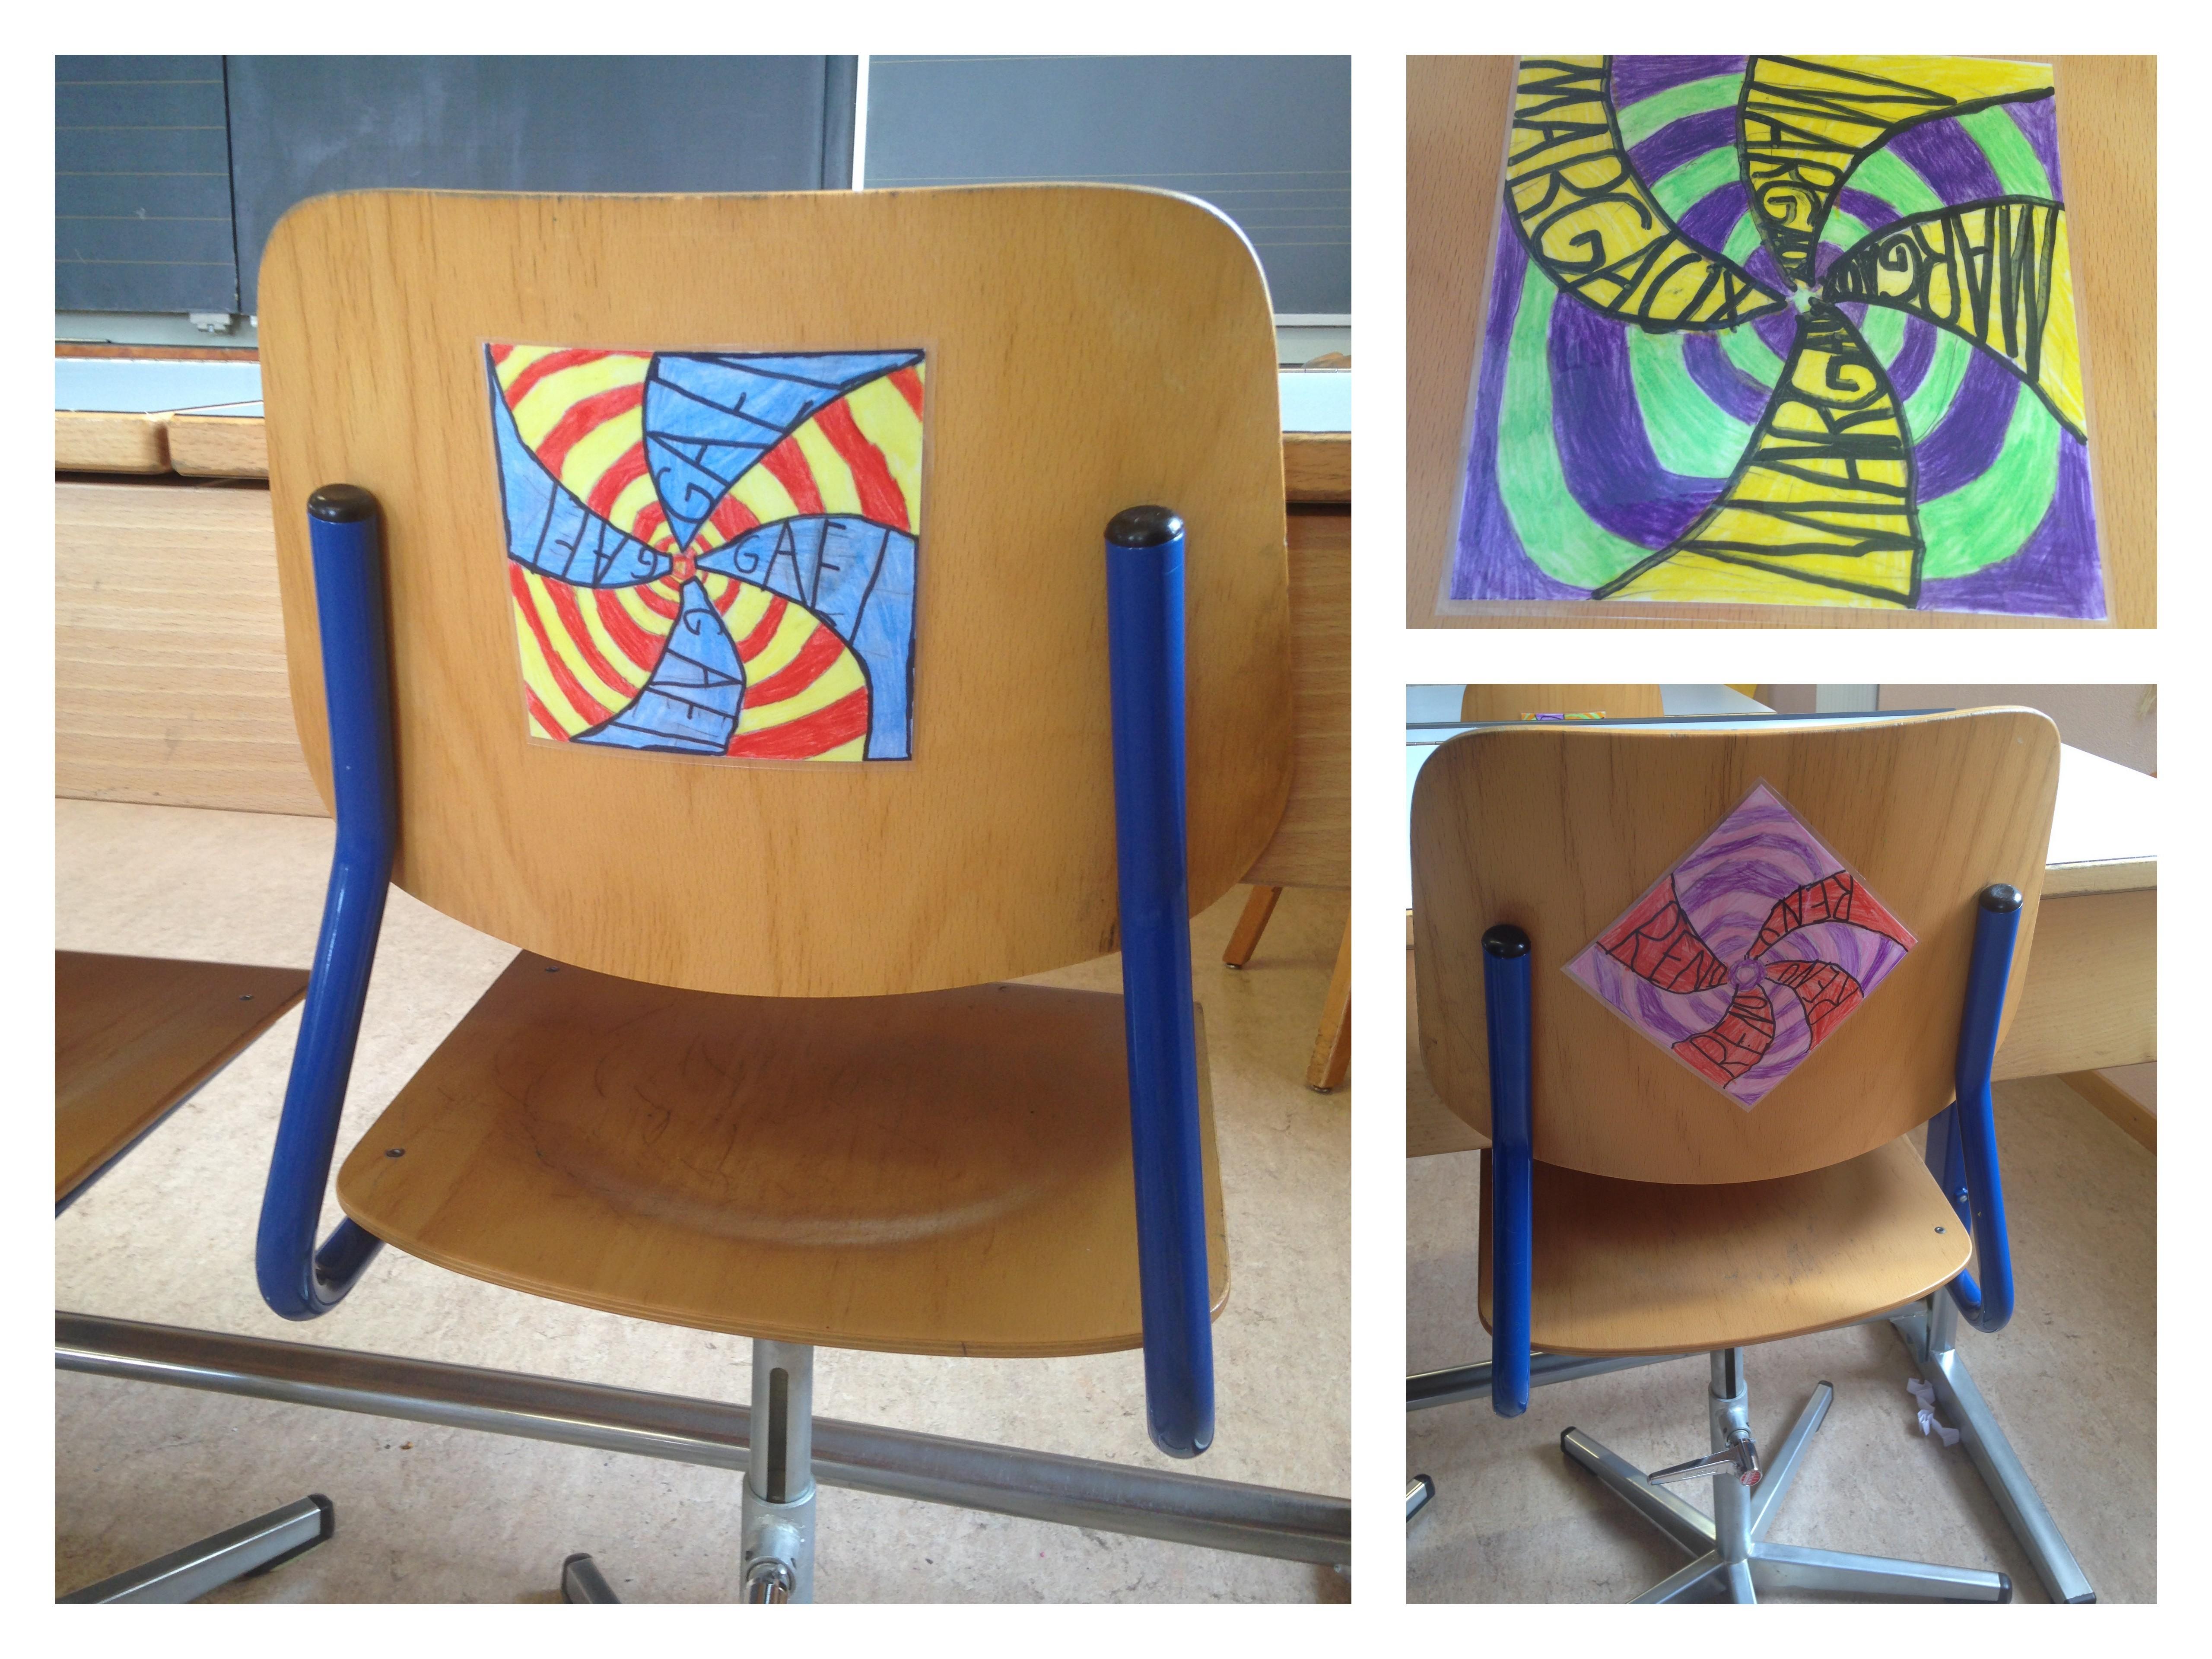 Decoration Rentree Scolaire : Décoration de la classe pour rentrée rallye liens